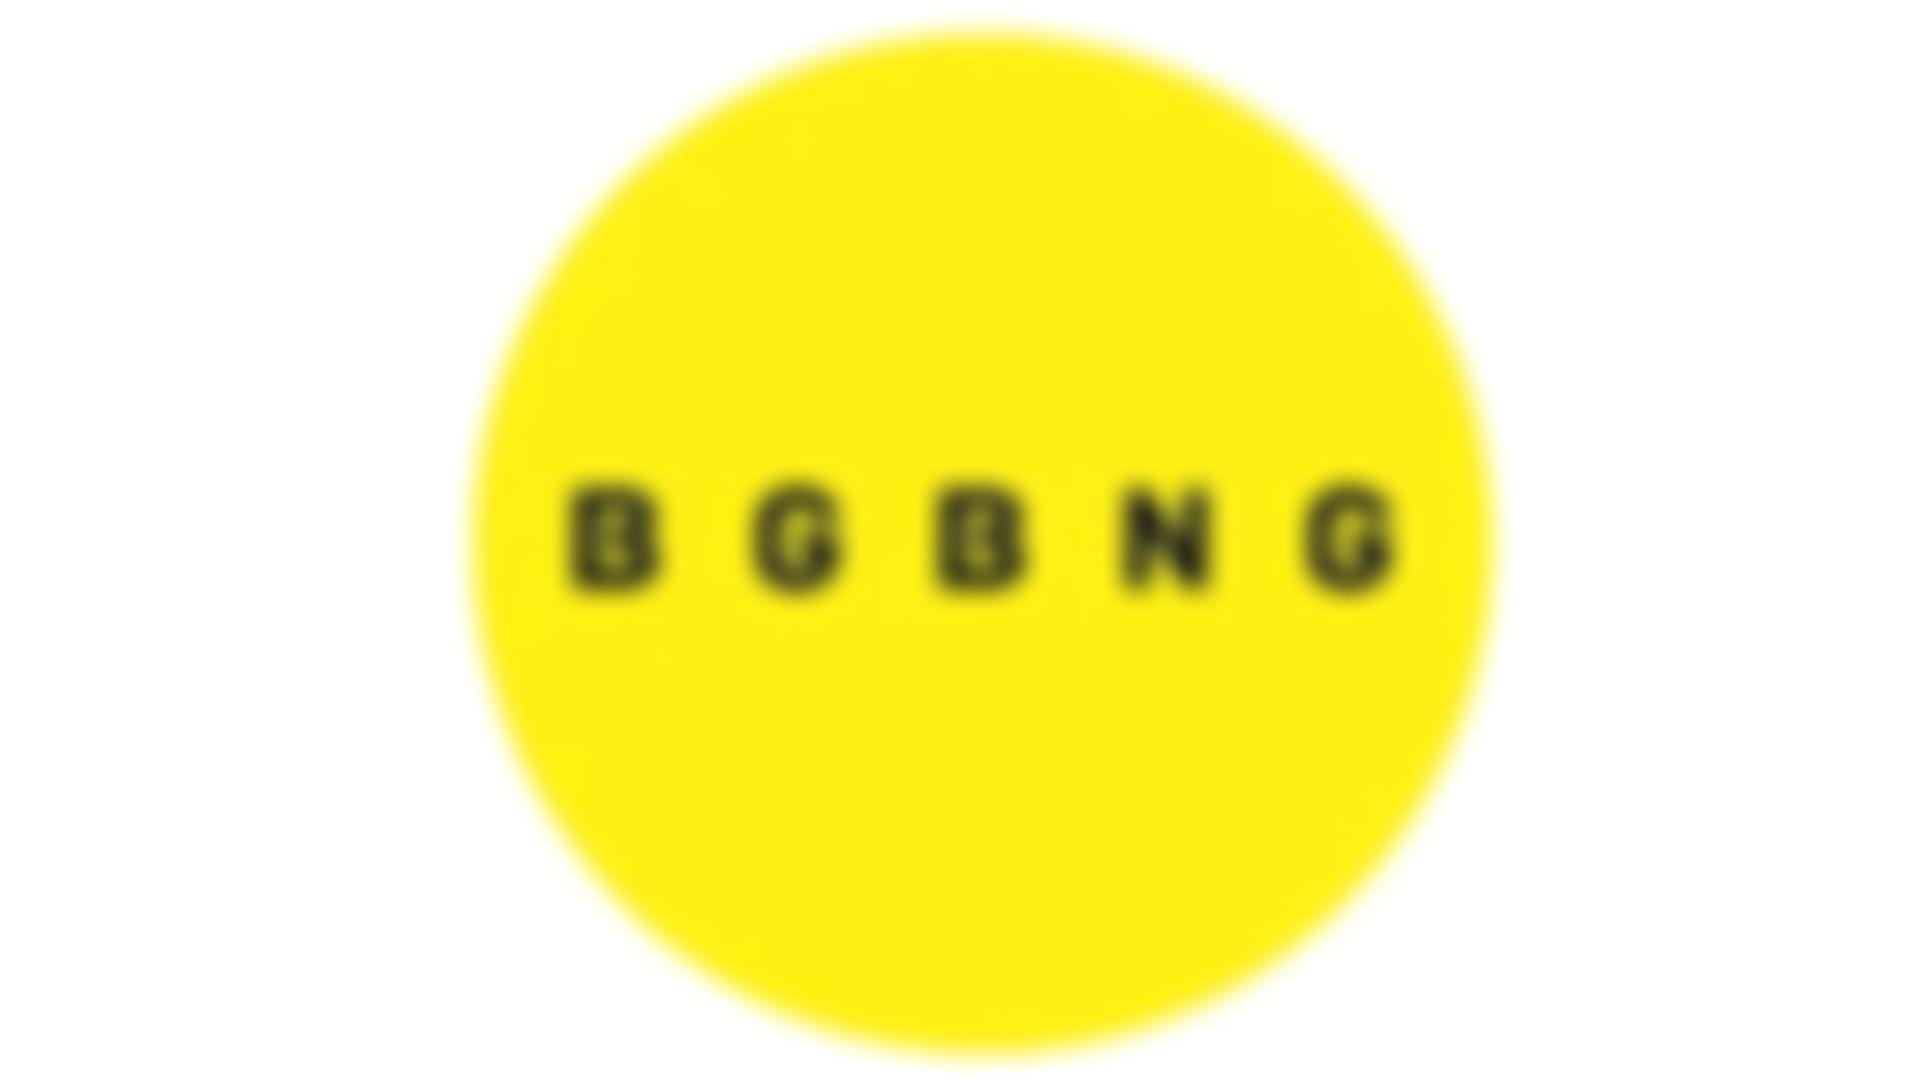 bcbng